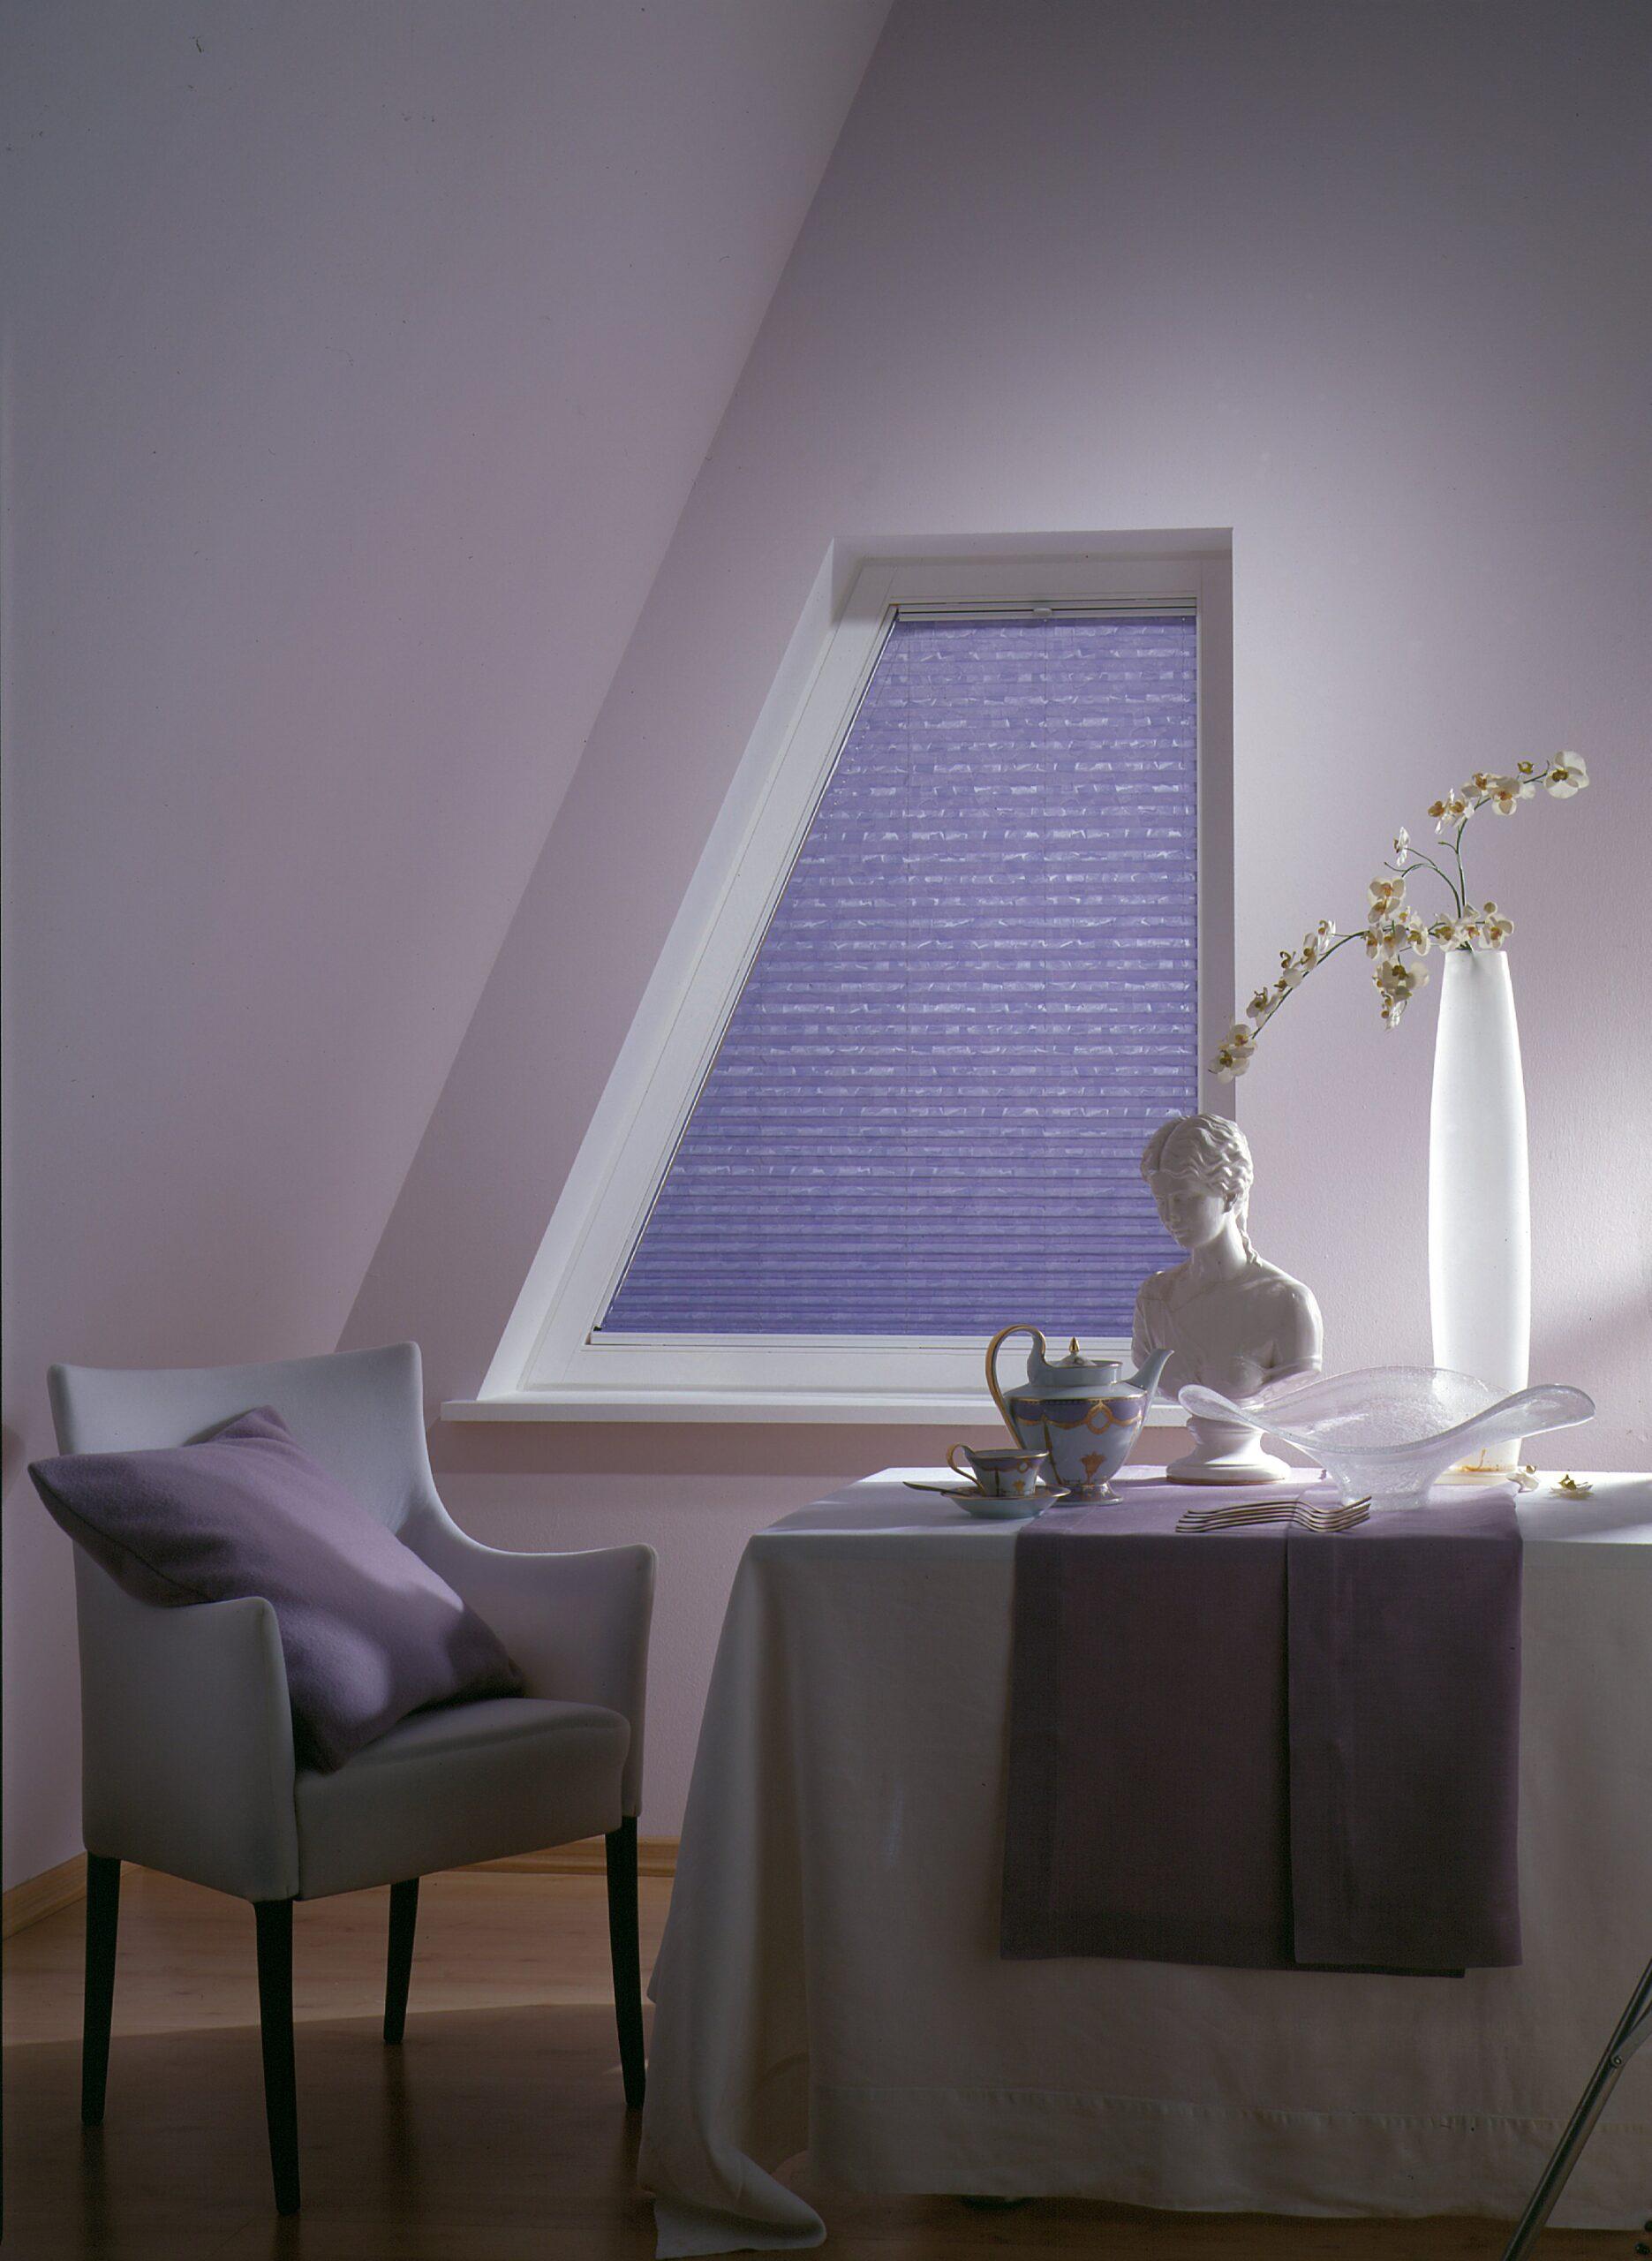 Hochwertiger Sonnenschutz, Sichtschutz und Lichtschutz - Lila Plissee - Dr. Haller + Co. - Selastore®